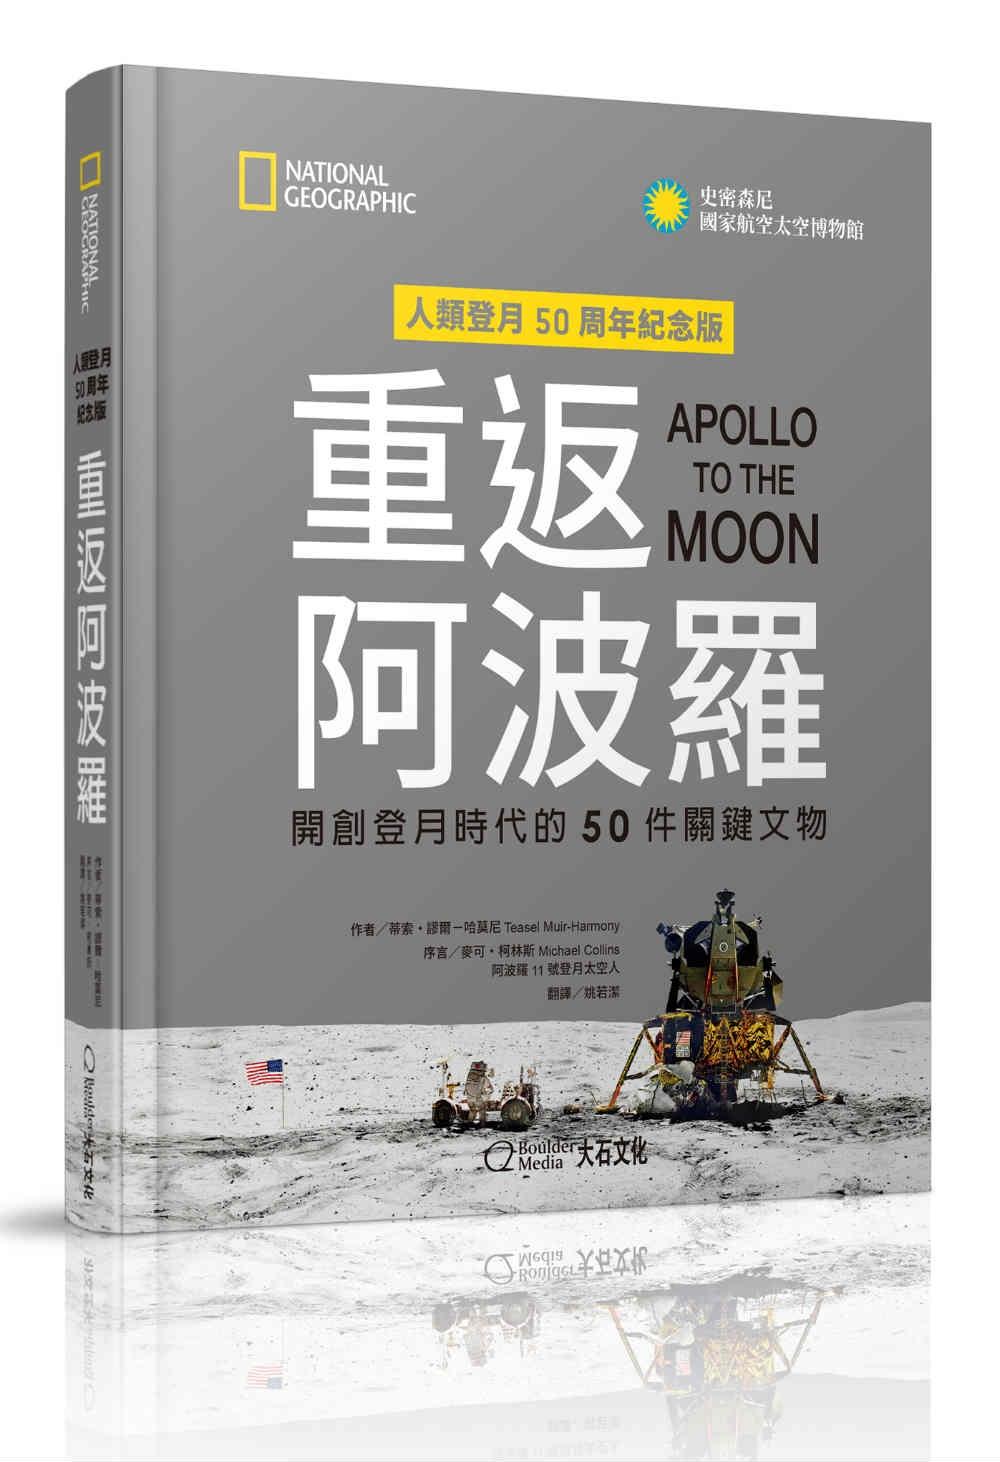 《重返阿波羅》不是因為很簡單, 而是因為很艱難……